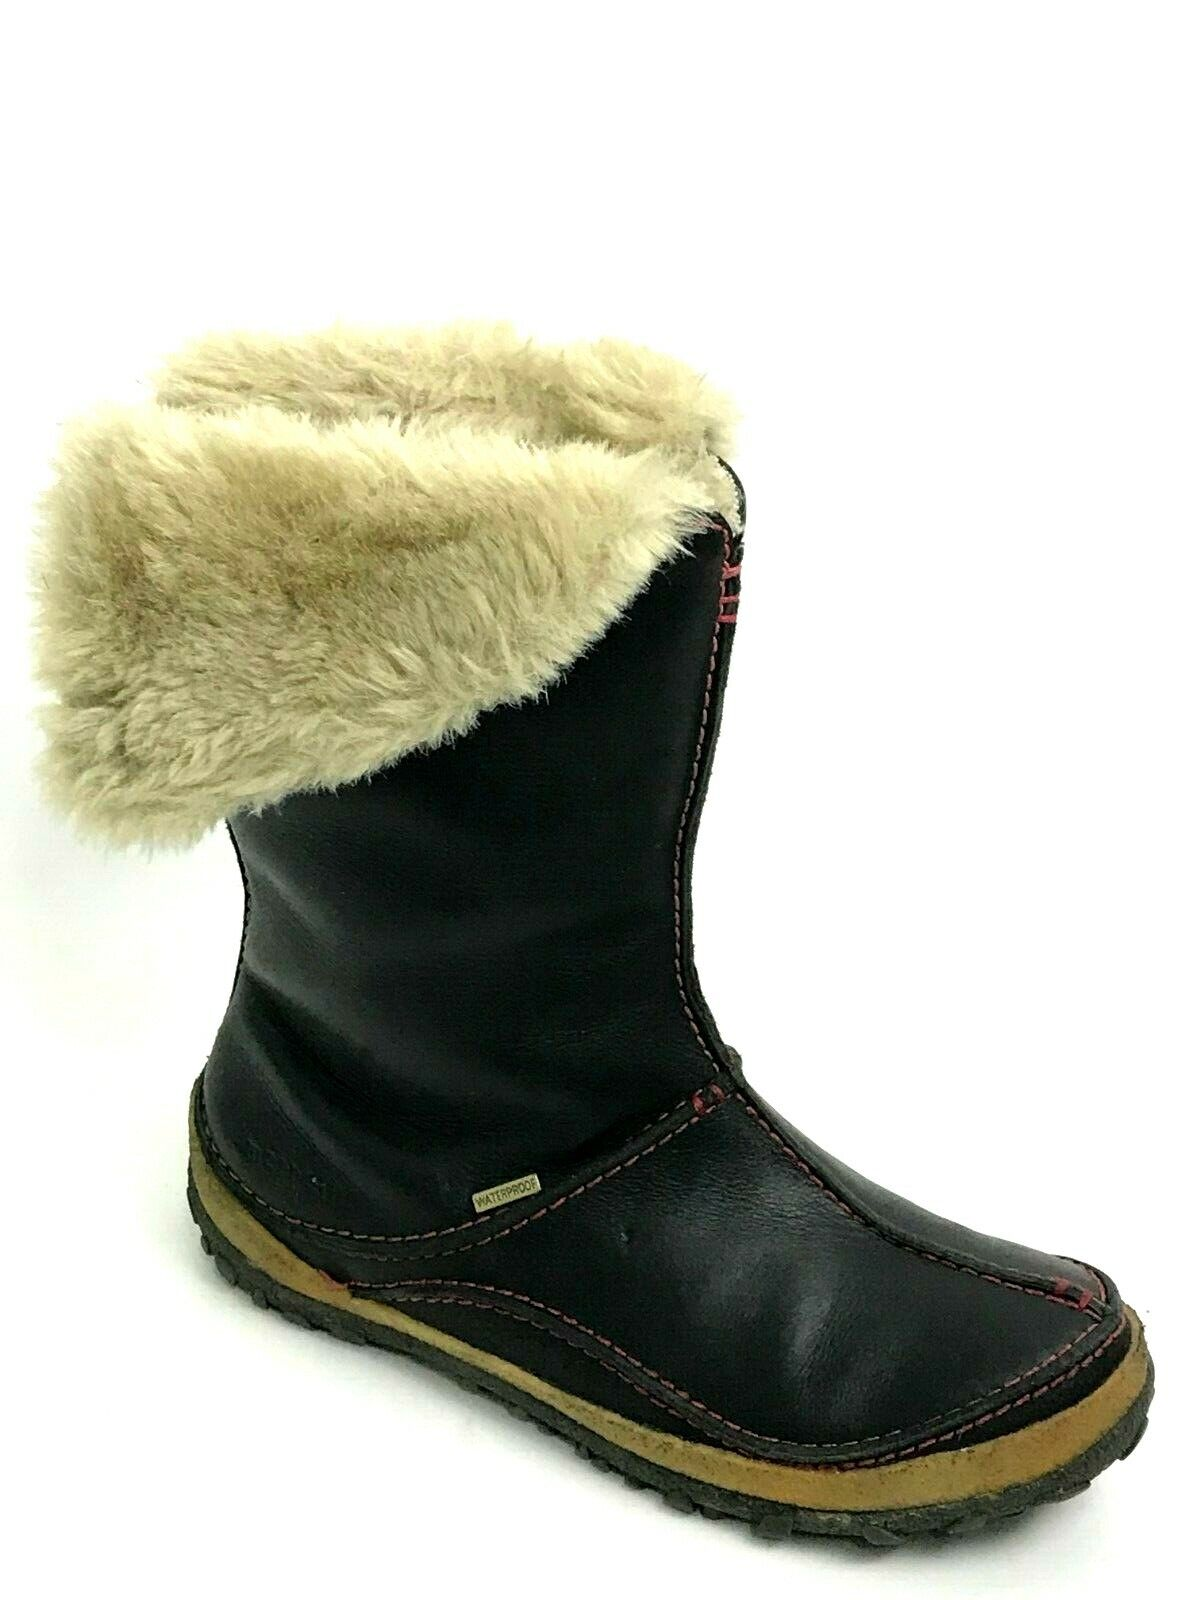 Merrell Olso Noir étanche Bottes de neige Taille  US.7 EU.37.5 UK.4.5